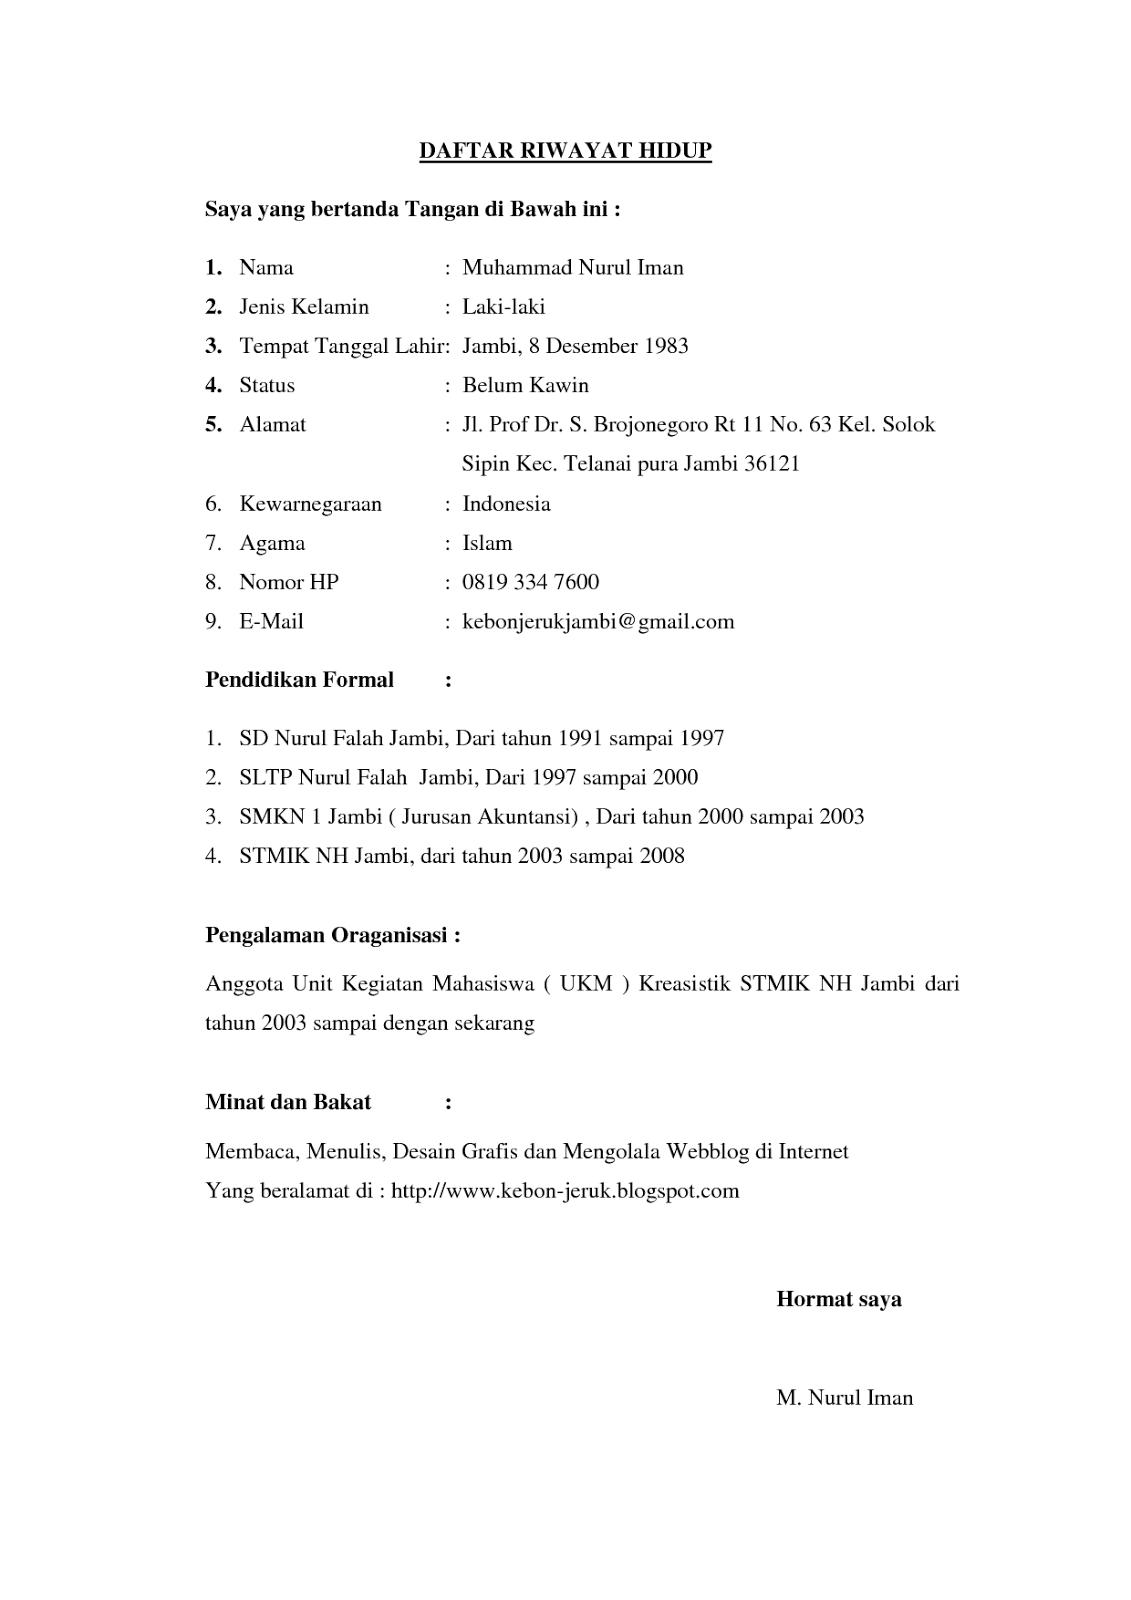 Format Daftar Riwayat Hidup Terbaru Cv Nabila